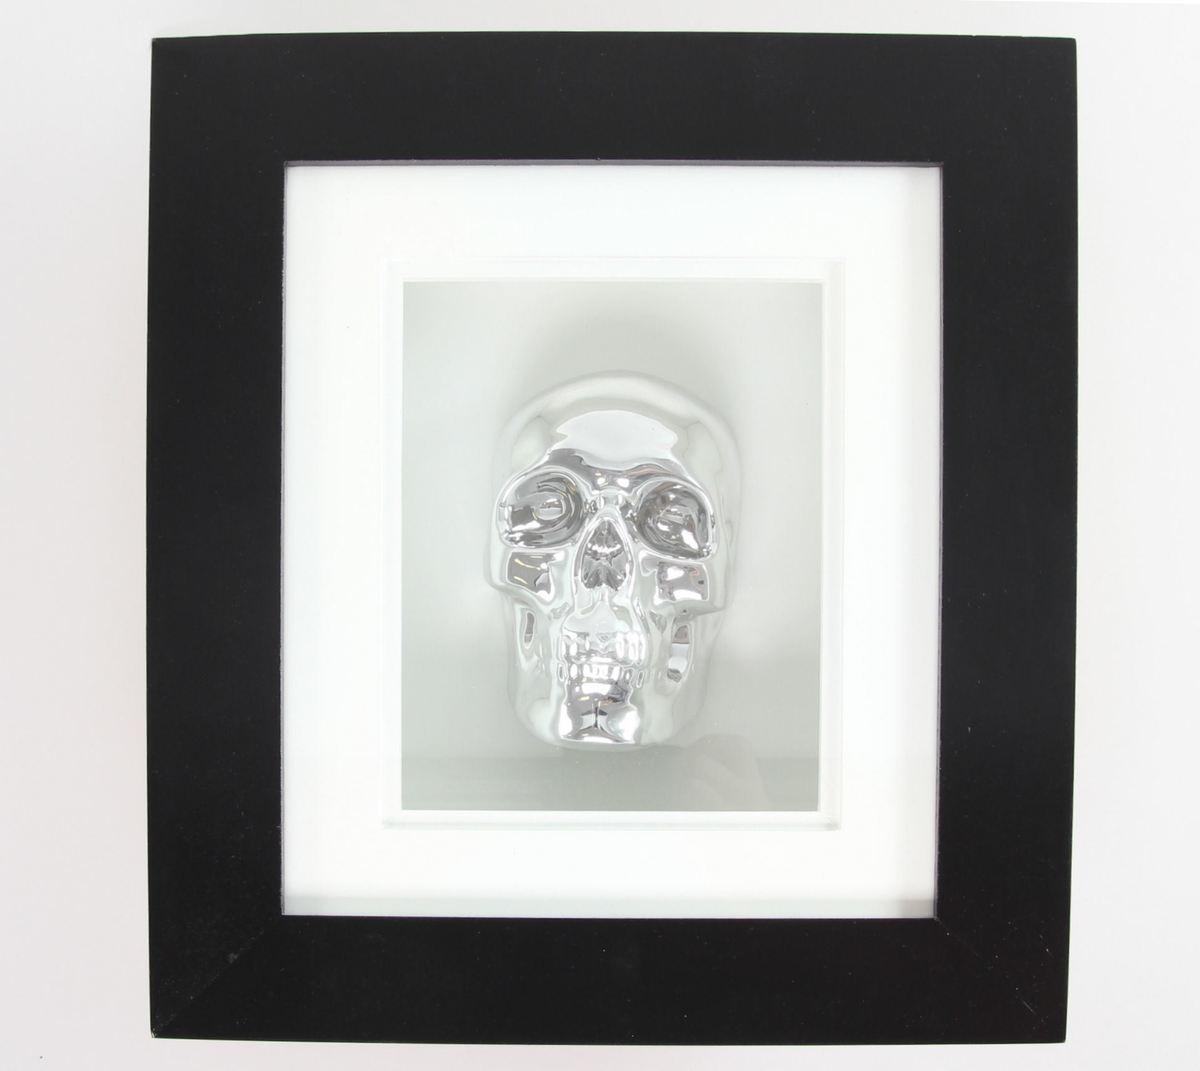 obraz Silver Skull In Frame - B0330B4